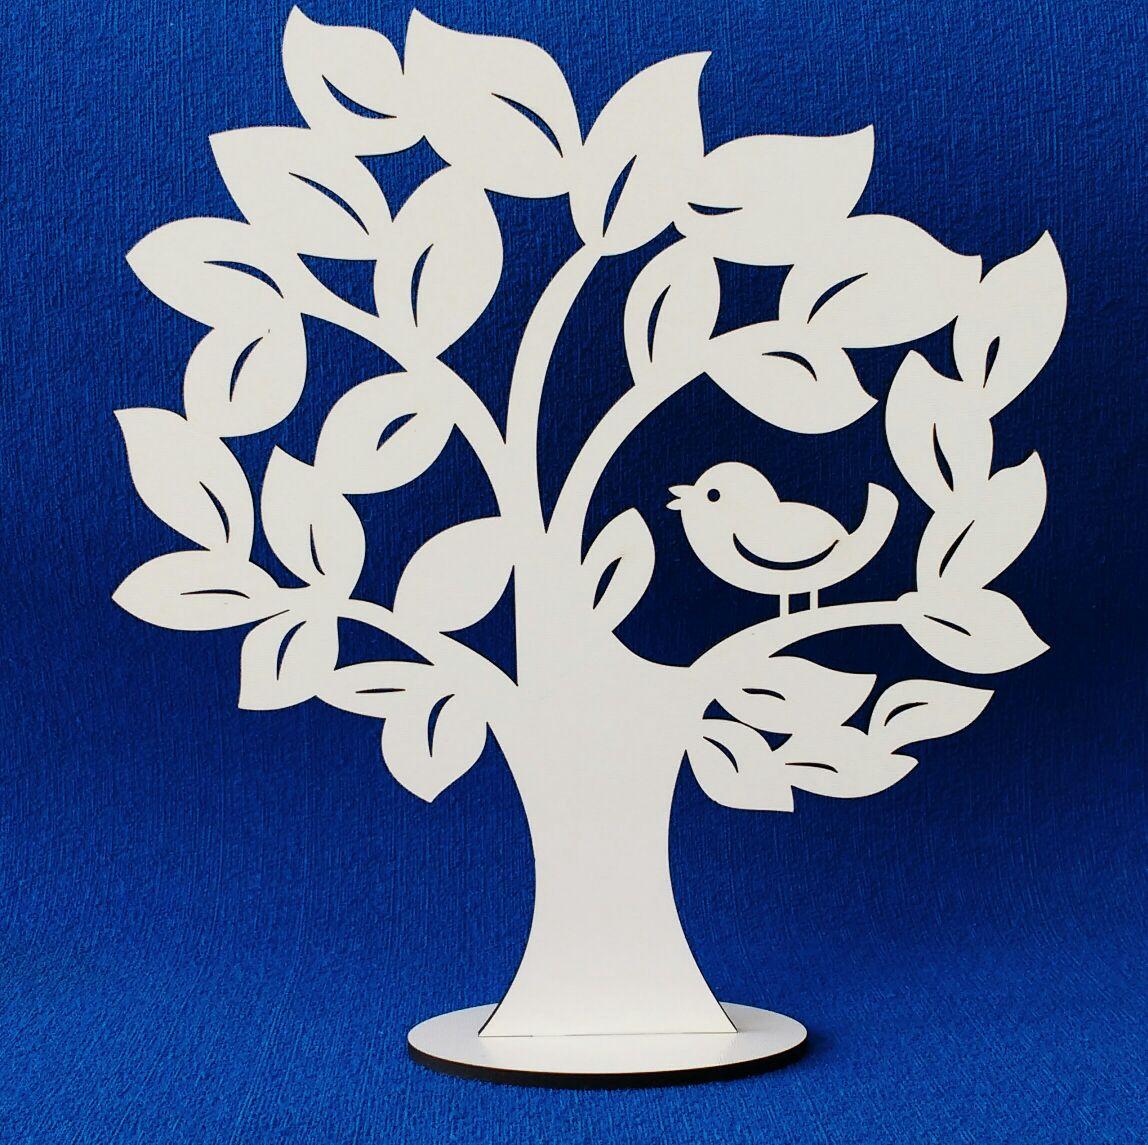 2a2bb49b0 Árvore Decorativa - Loja Dia7   PedTEC - Servindo Bem Todos os Dias